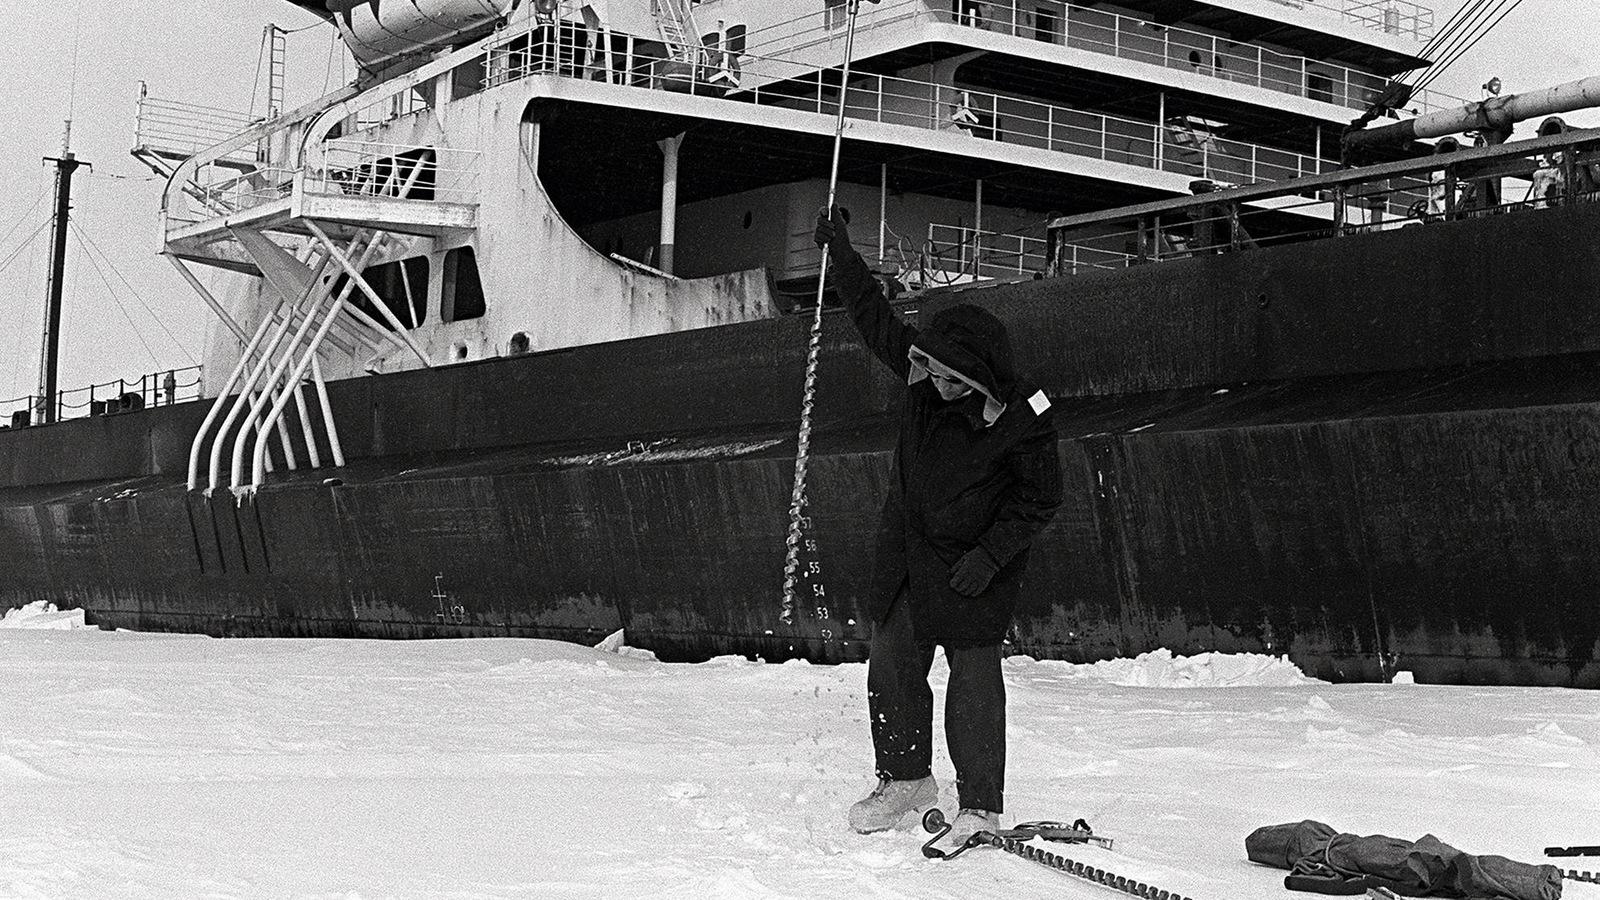 Photo en noir et blanc d'un homme qui lève un pic au-dessus de la glace alors qu'un navire se trouve derrière lui.